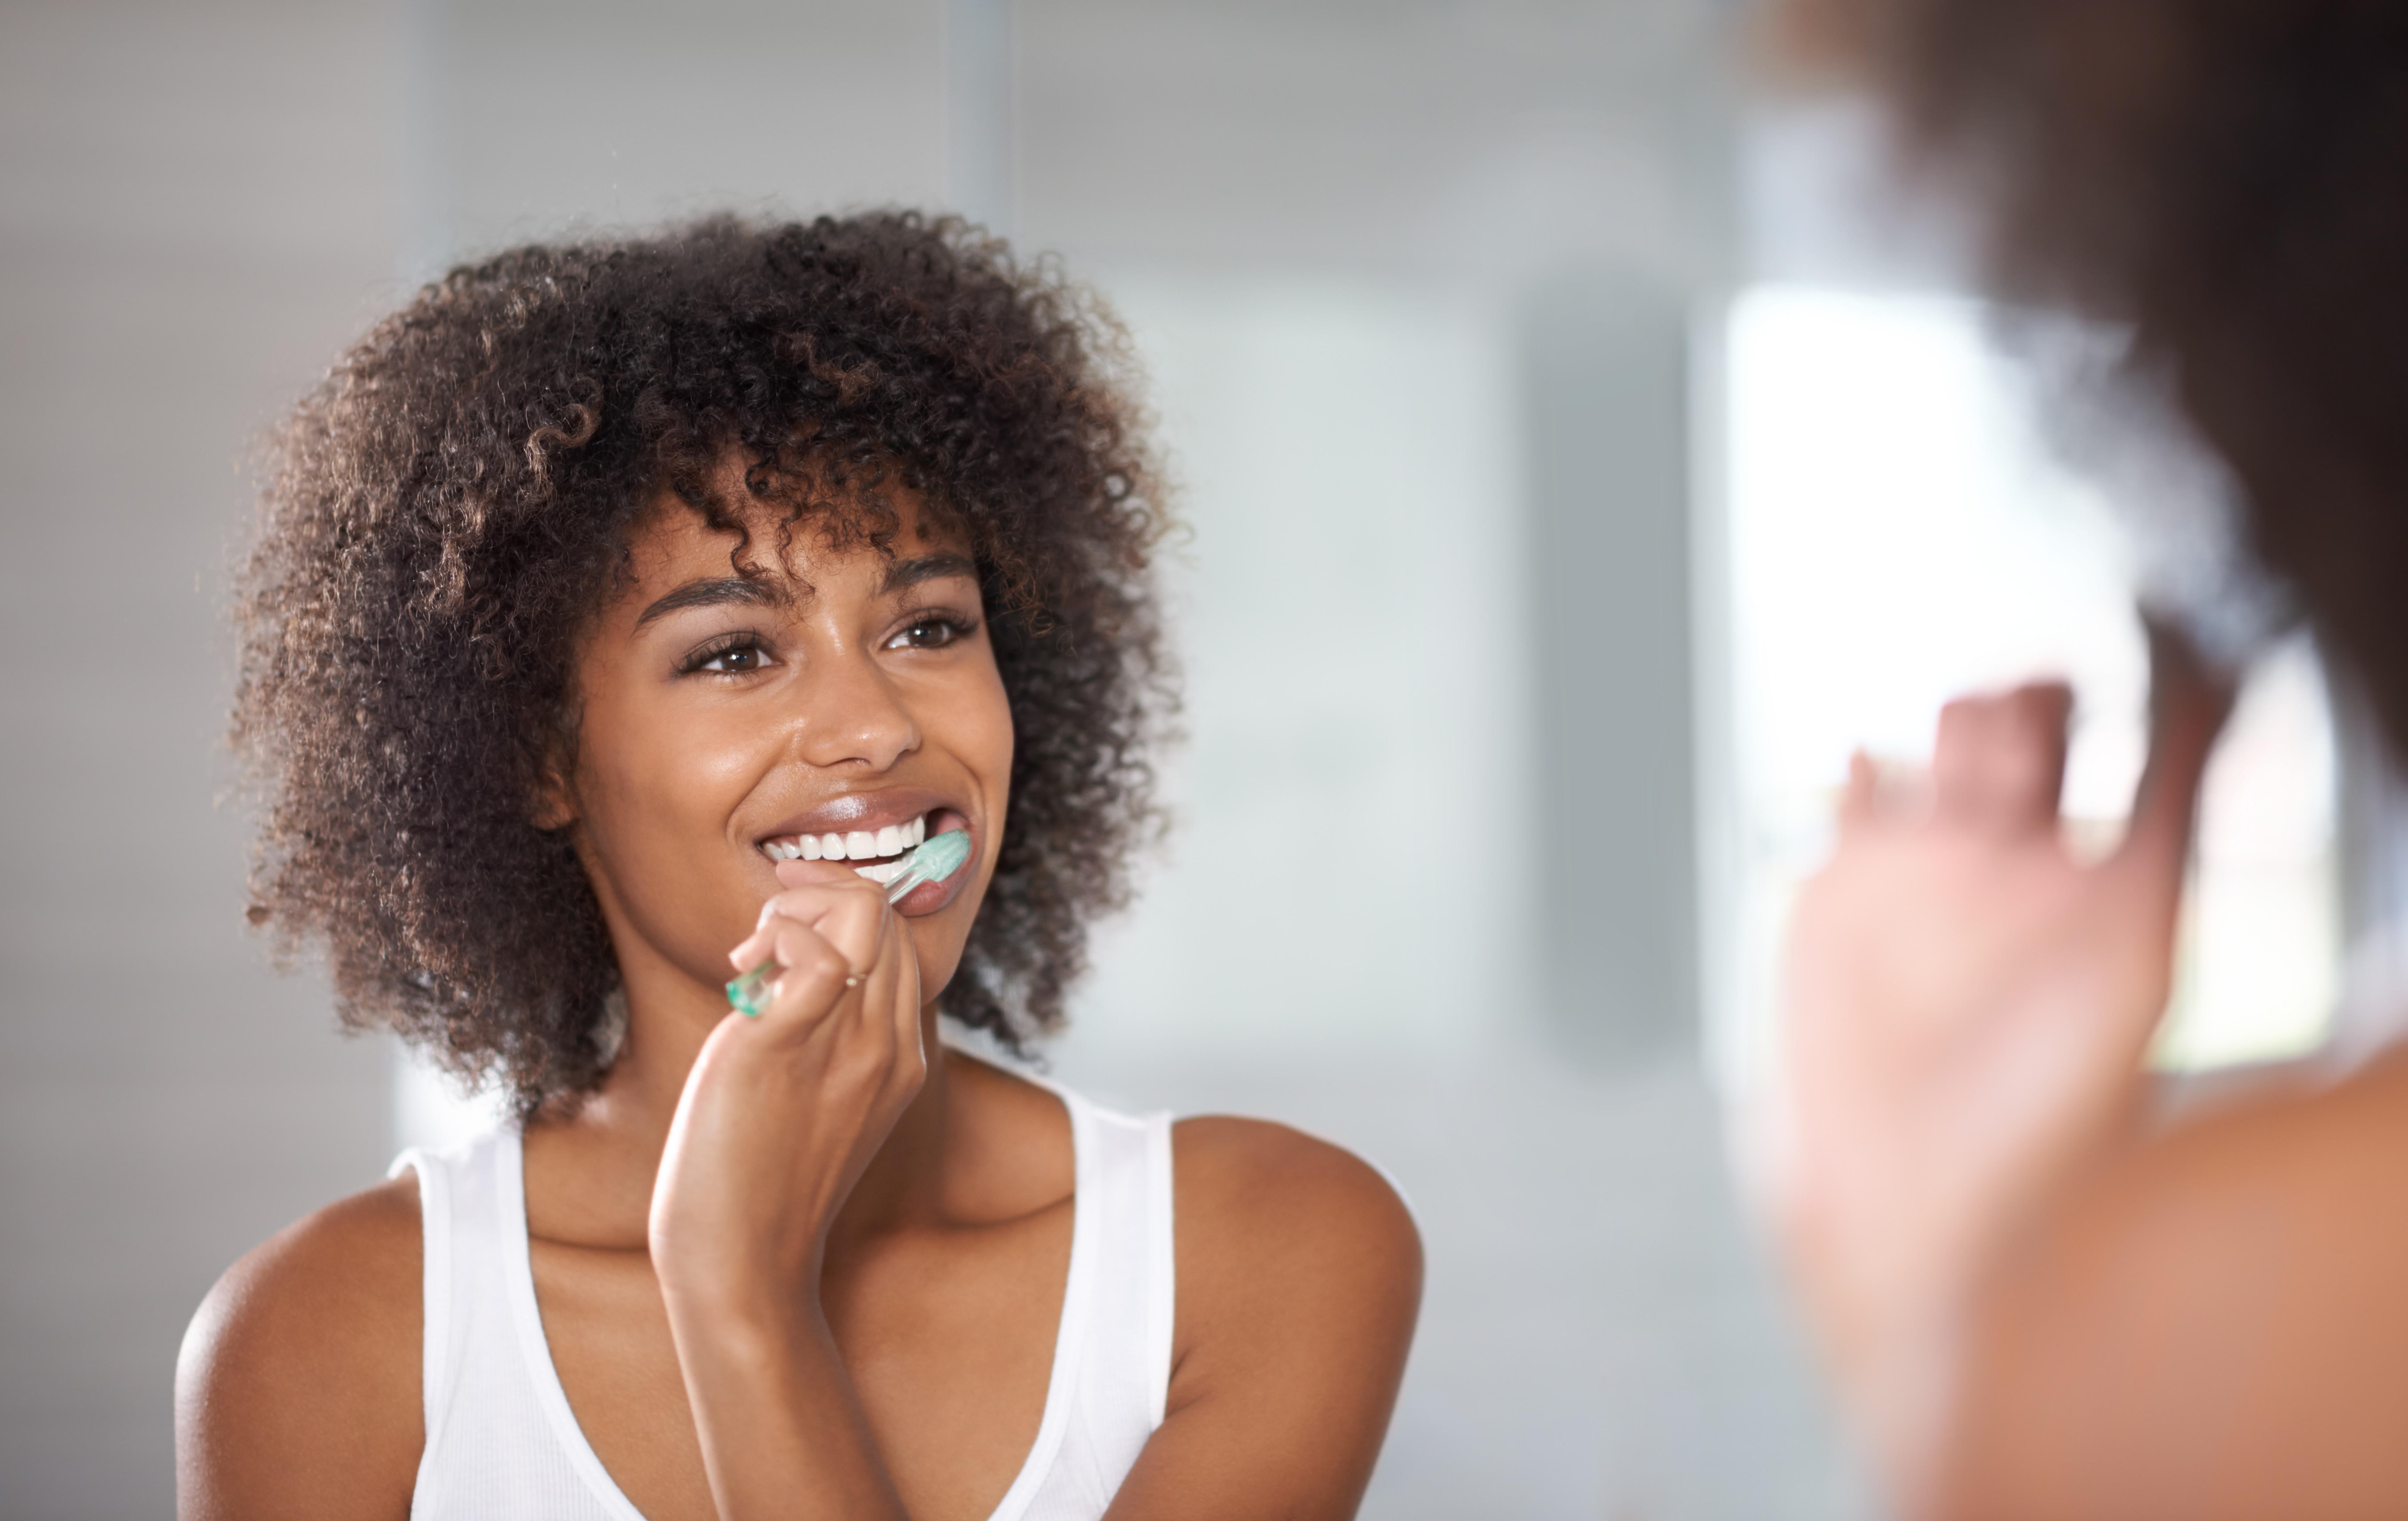 <p><strong>Миенето на зъби след всяко хранене</strong><br /> Зъболекарите препоръчват да мием зъбите си по два пъти на ден - сутрин и вечер. Но има хора, които ги мият след всяко хранене. Това обаче, може да повлияе негативно на зъбния емайл и да увреди зъбите ни.&nbsp;</p>